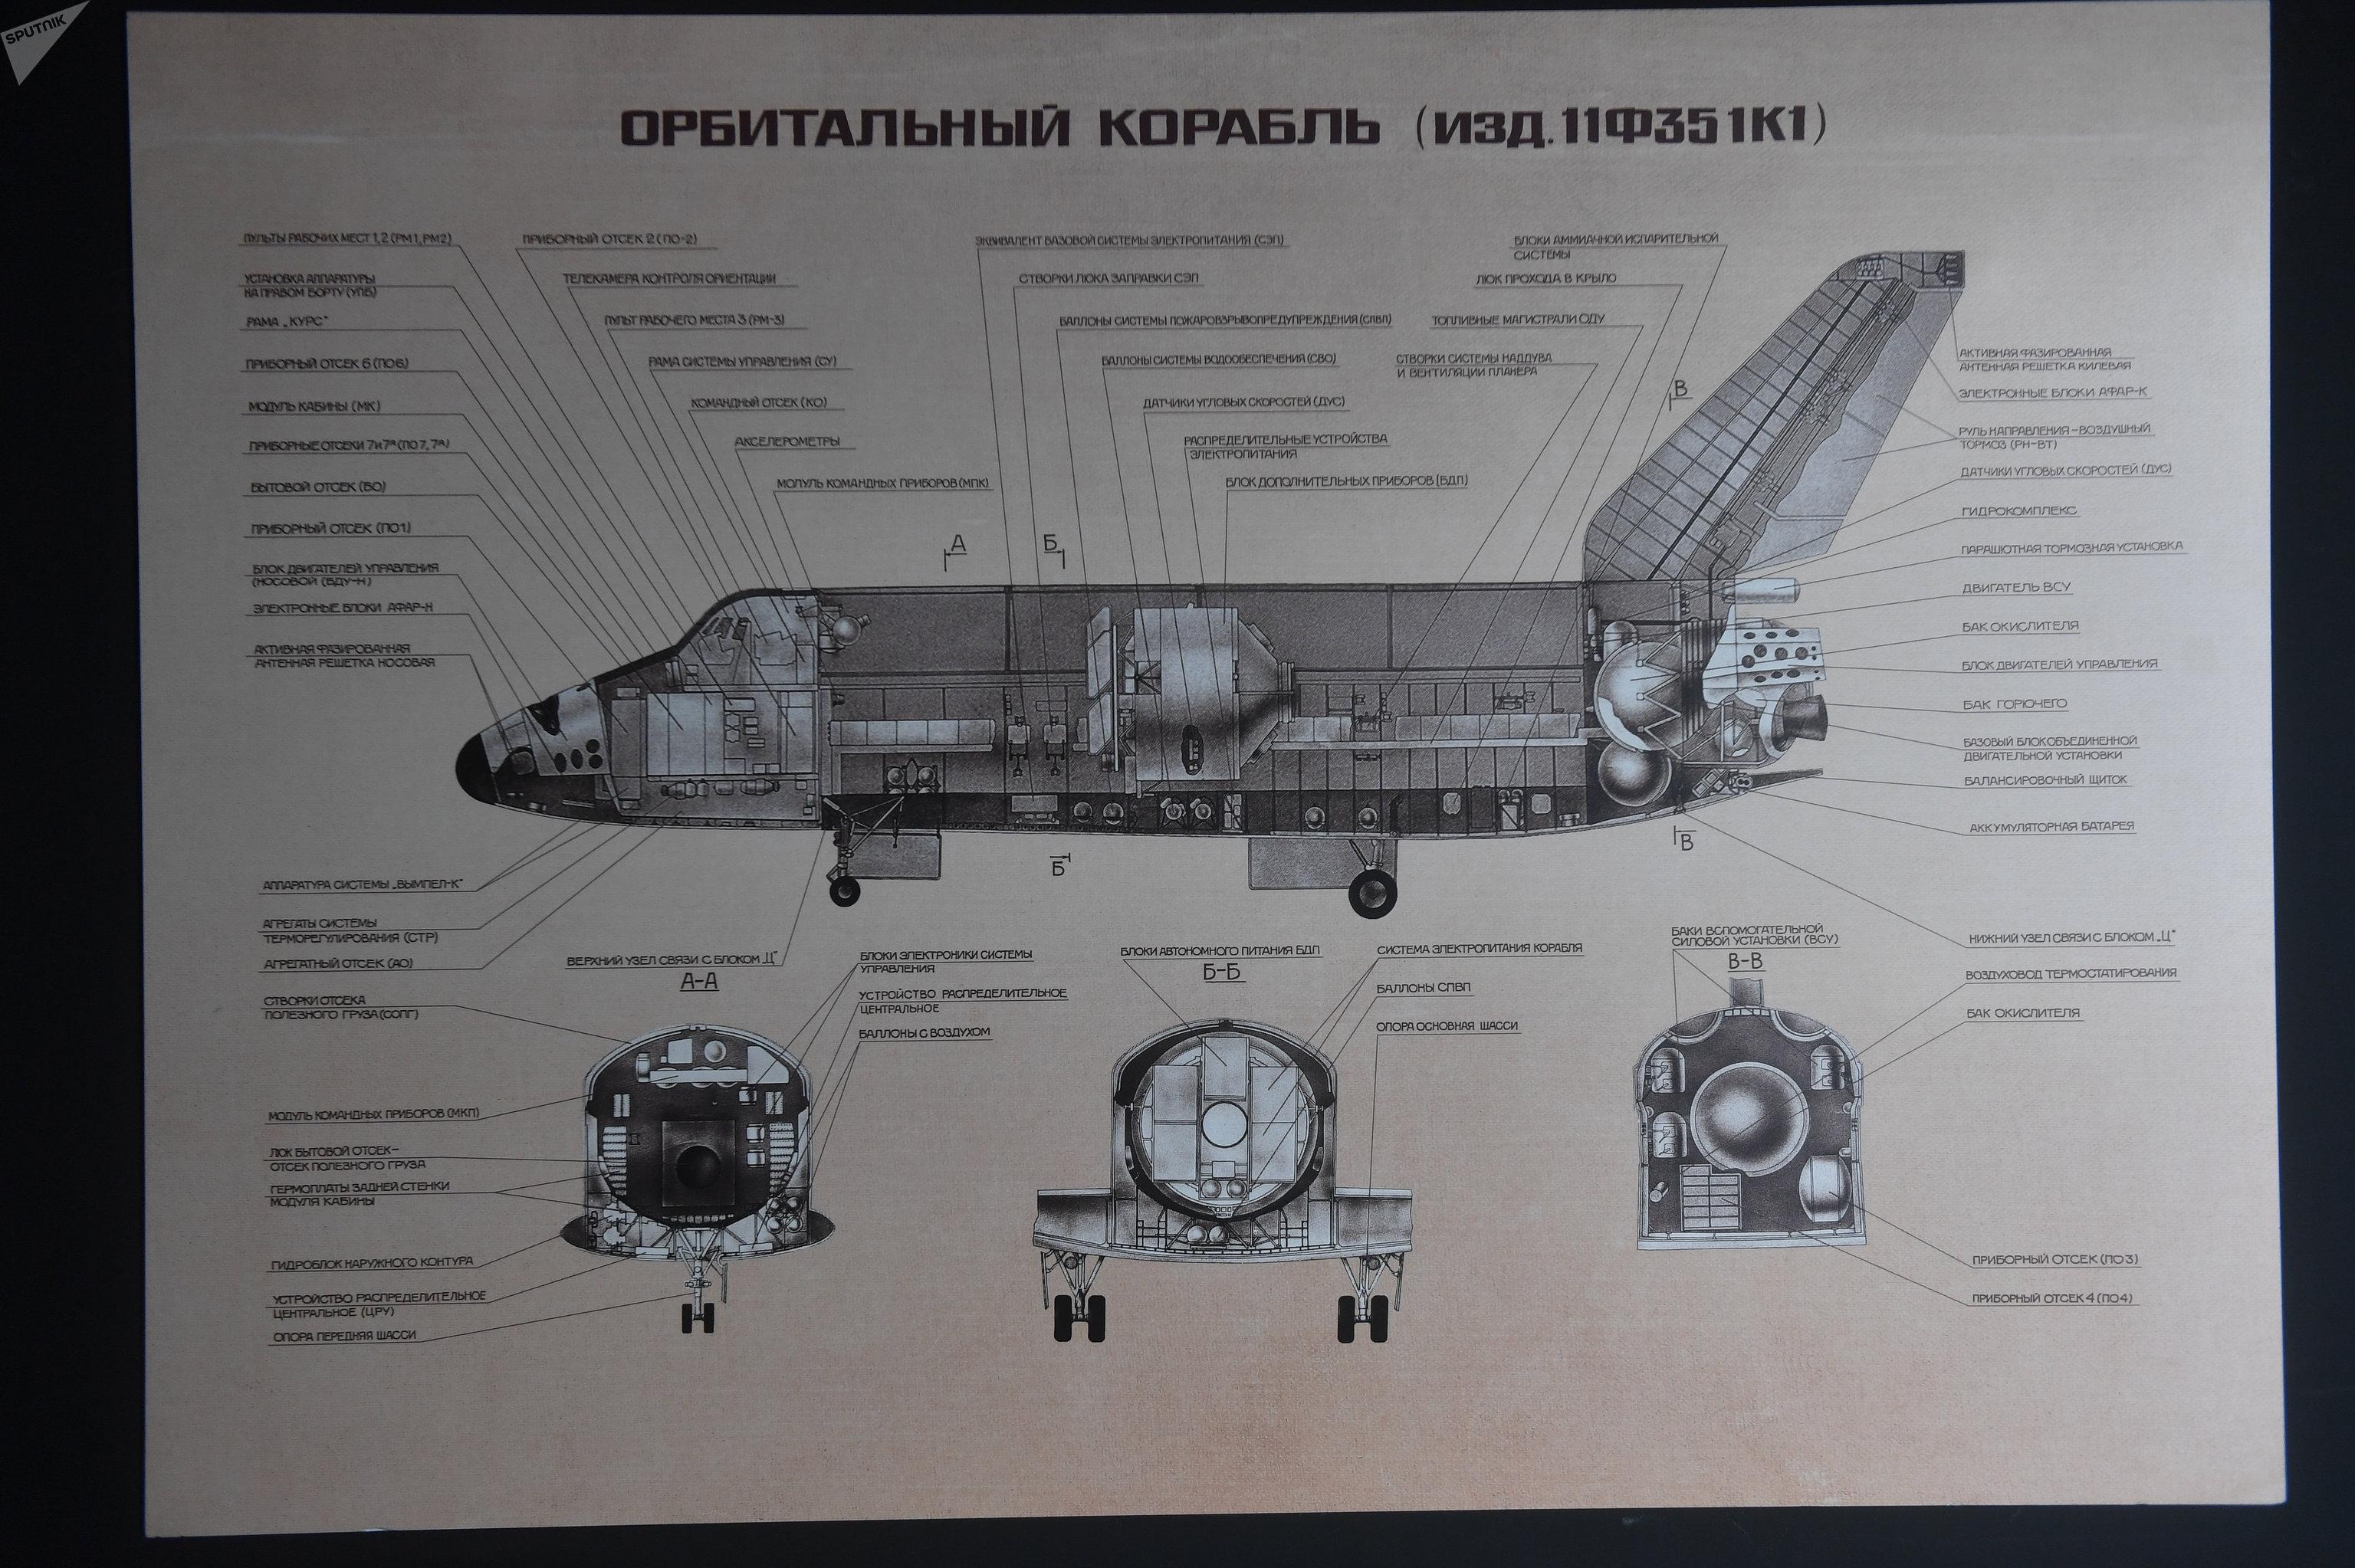 Схема космического корабля Буран